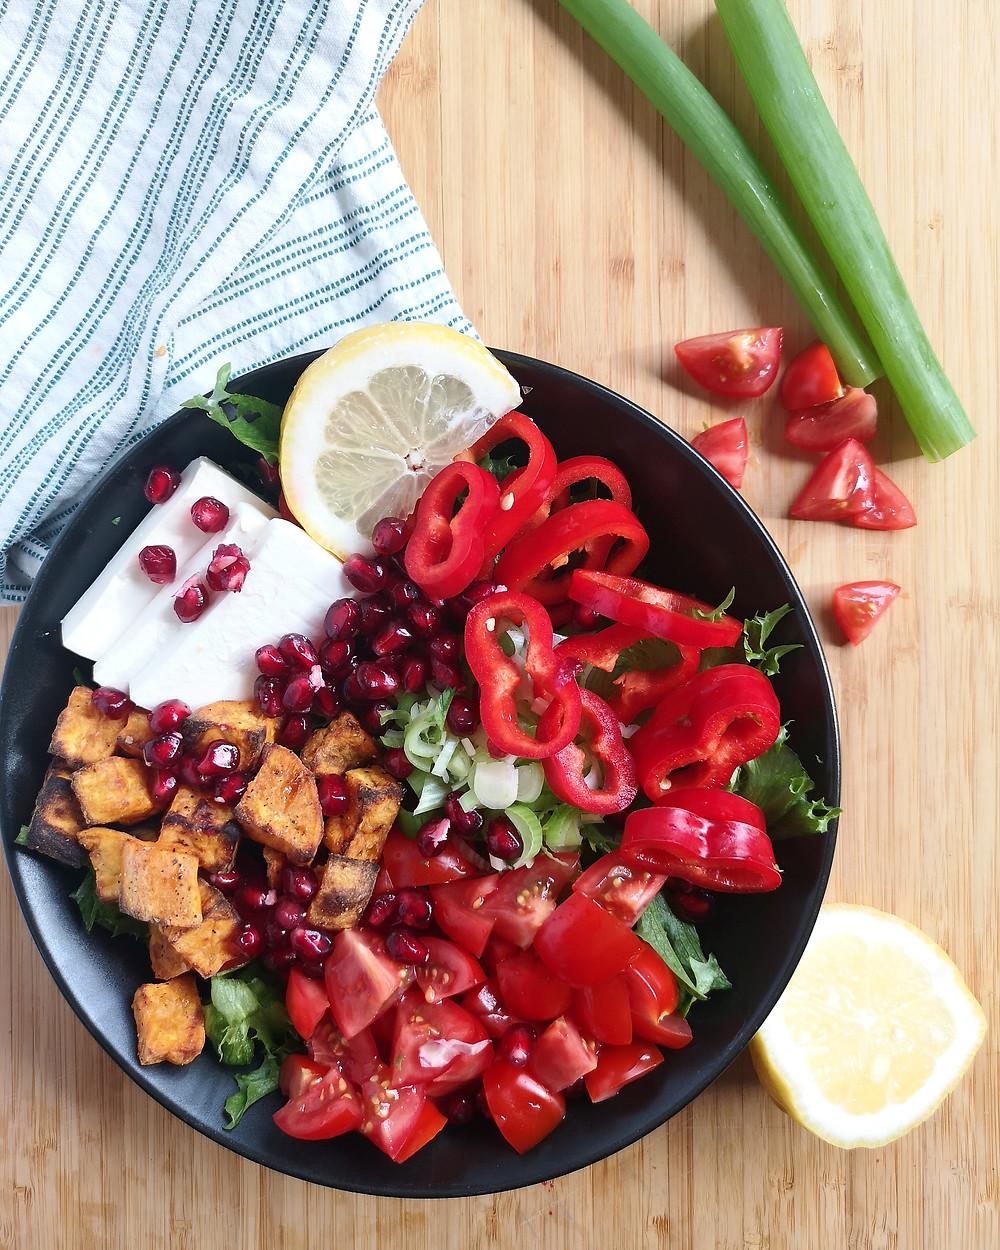 Sommerlig salat. Salat med søtpotet, granateple og fetaost.